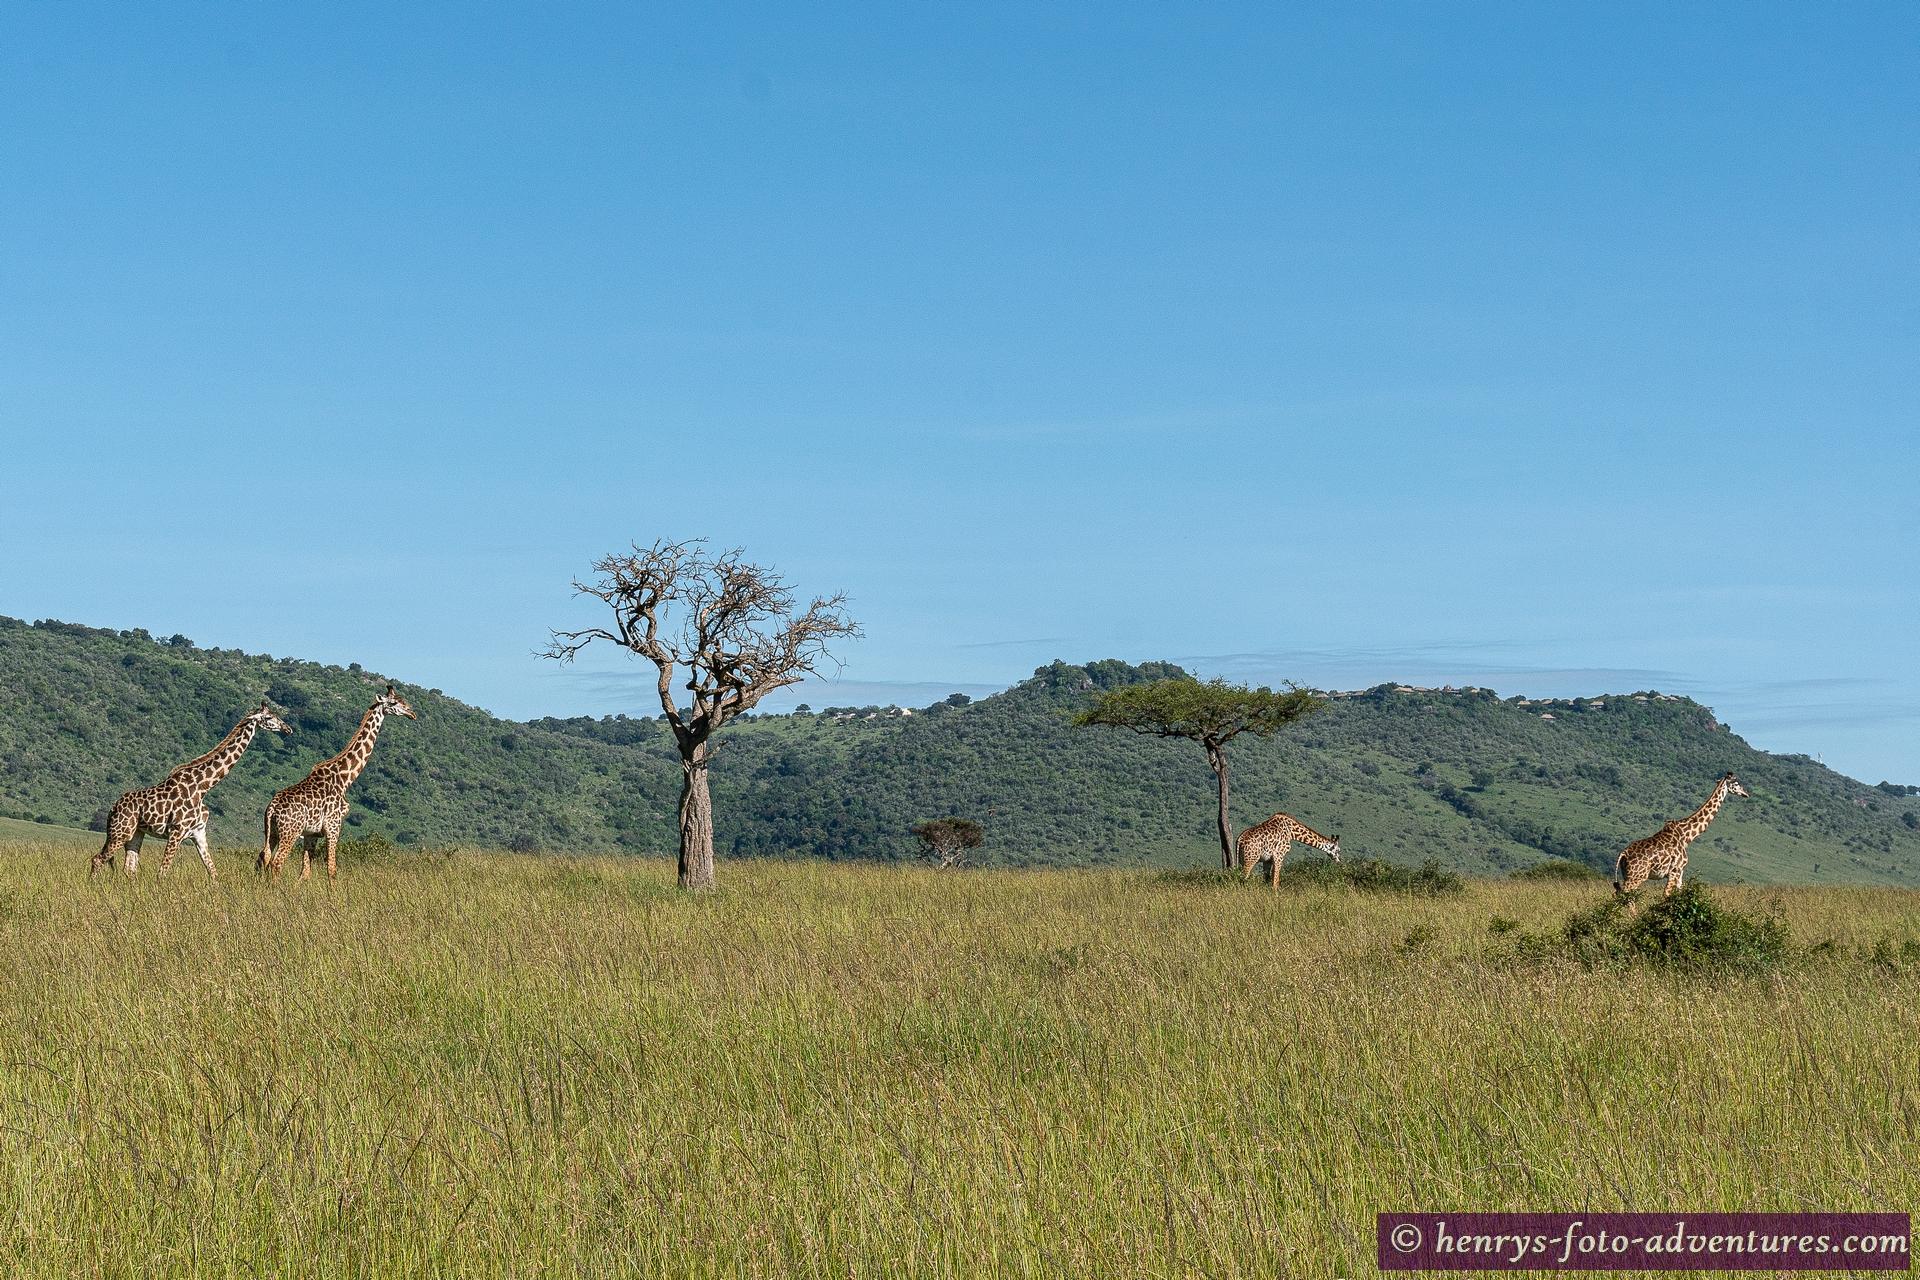 heute sind hier viele Giraffen unterwegs